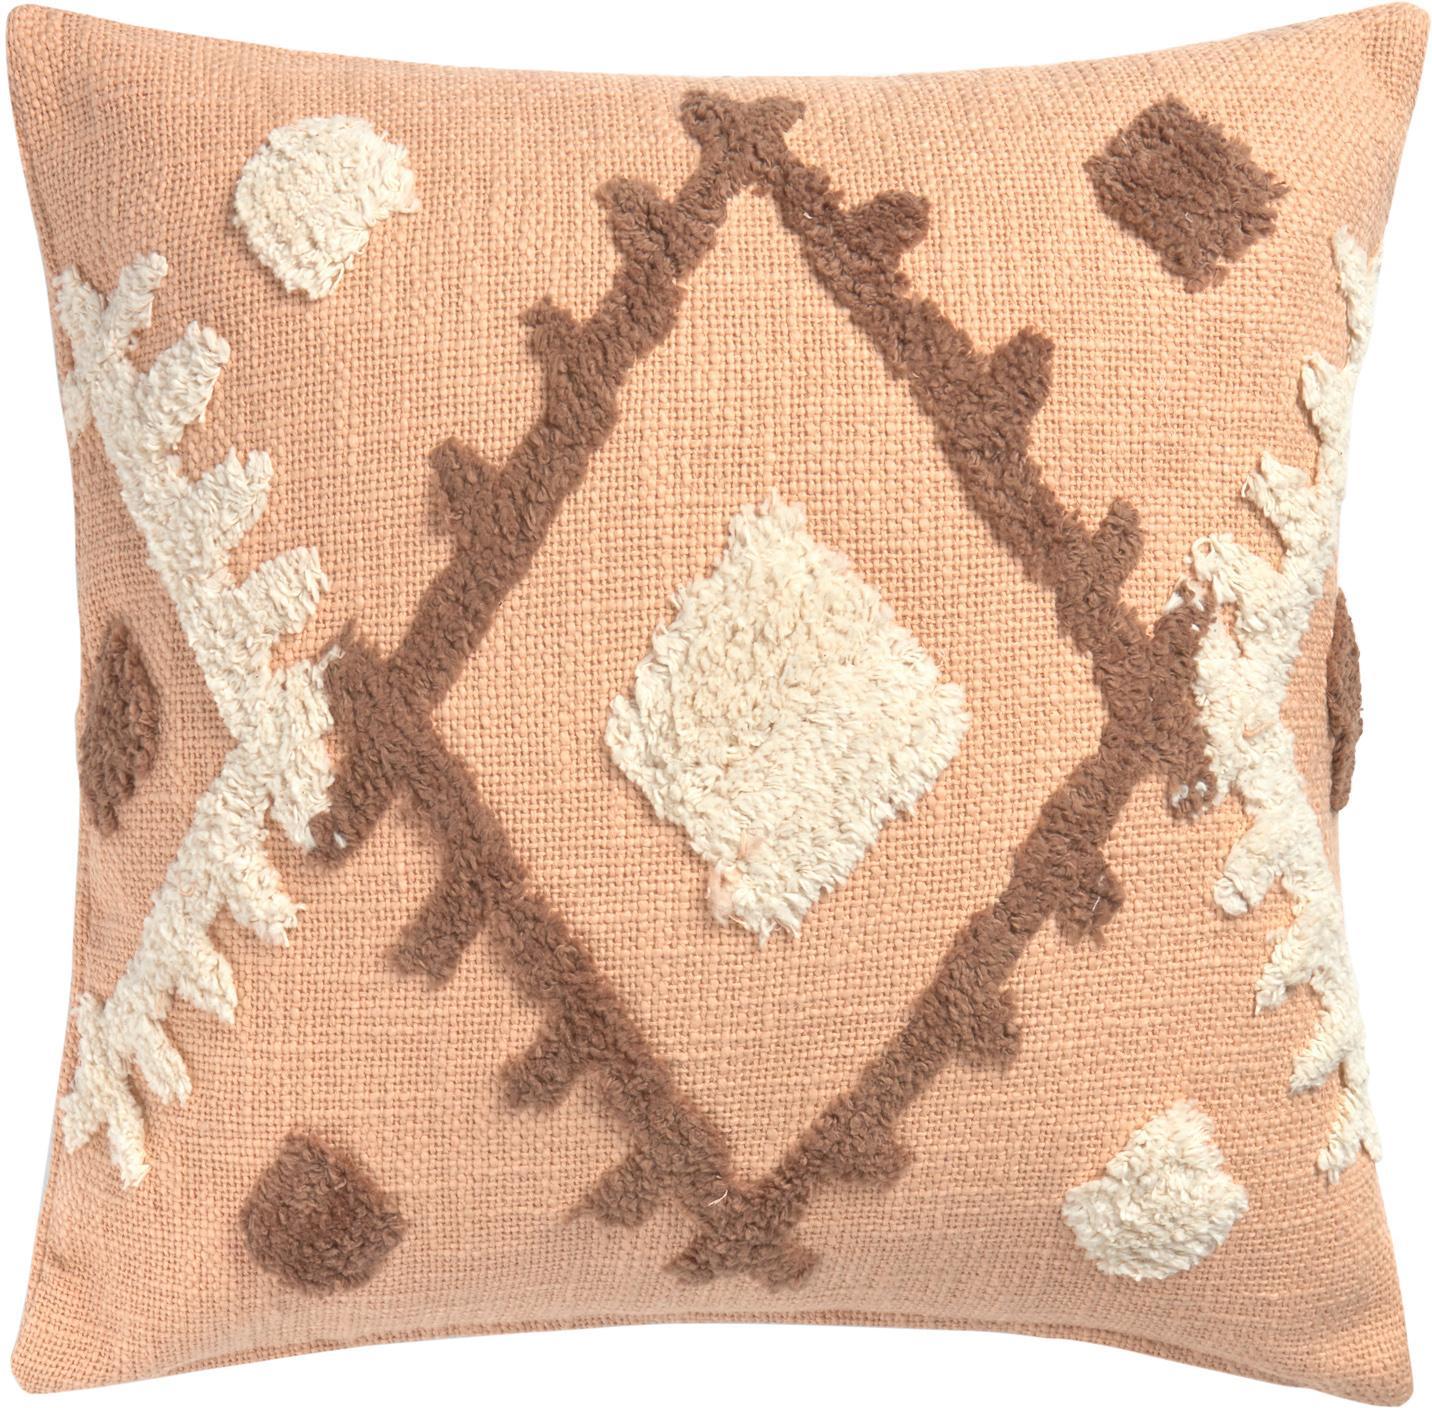 Boho kussenhoes Congo met hoog-laag patroon, 100% katoen, Zalmkleurig, beige, taupe, 45 x 45 cm